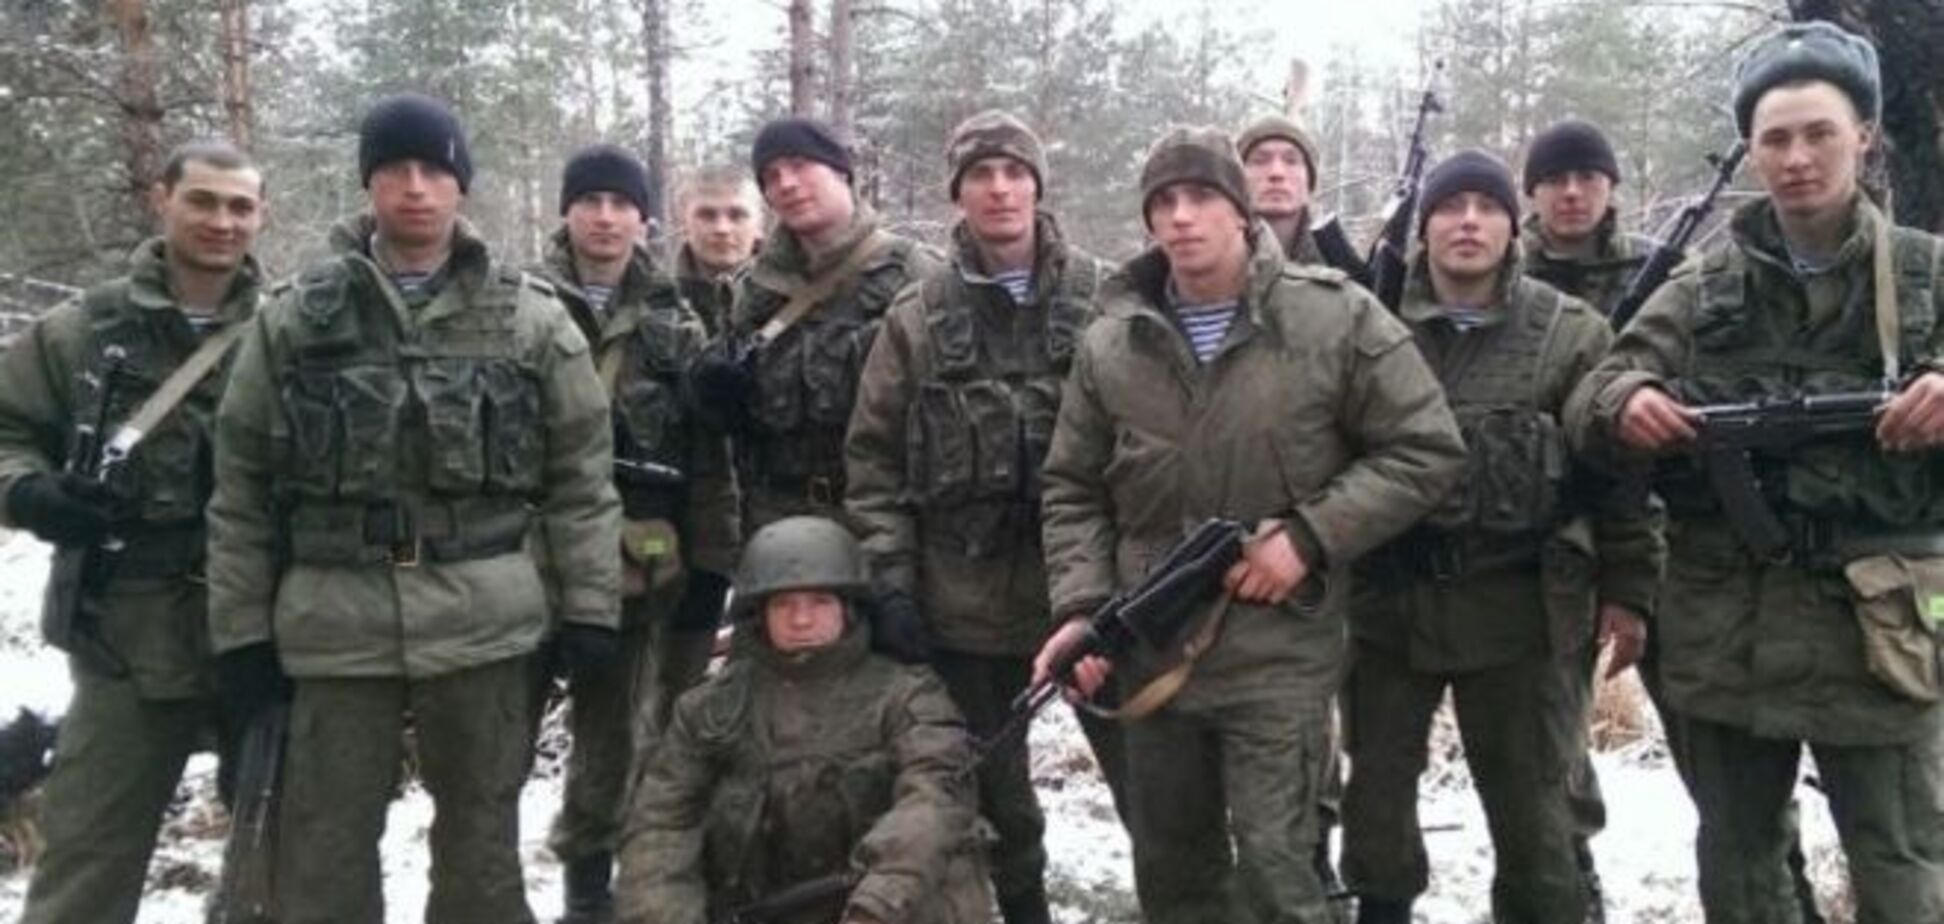 Російський найманець, повернувшись з України, повісився у військовій частині